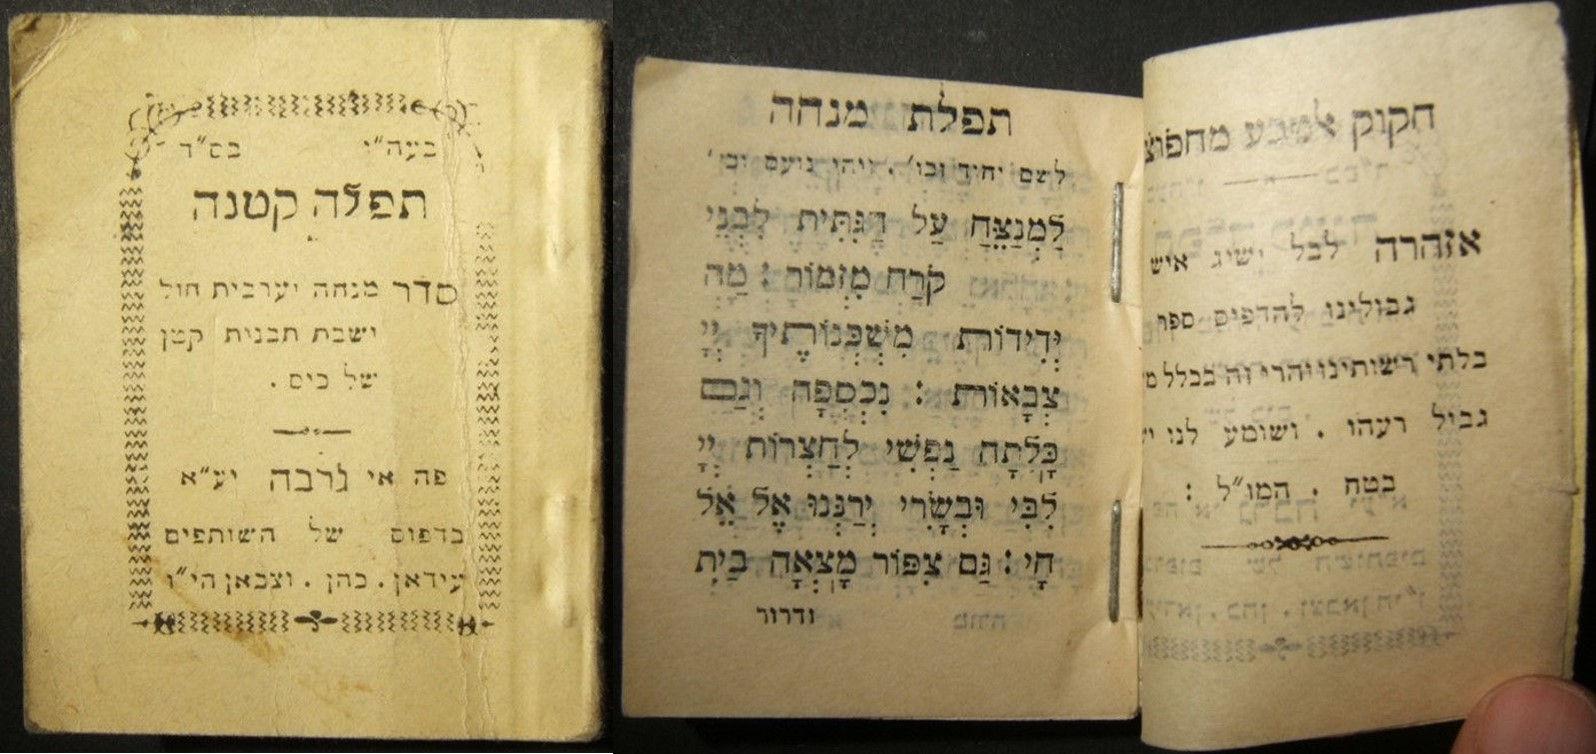 תפילין יודאיקה כיס סידור תפילה קטנה מאת עידן, כהן וצבן; ג 'רבה 1940s